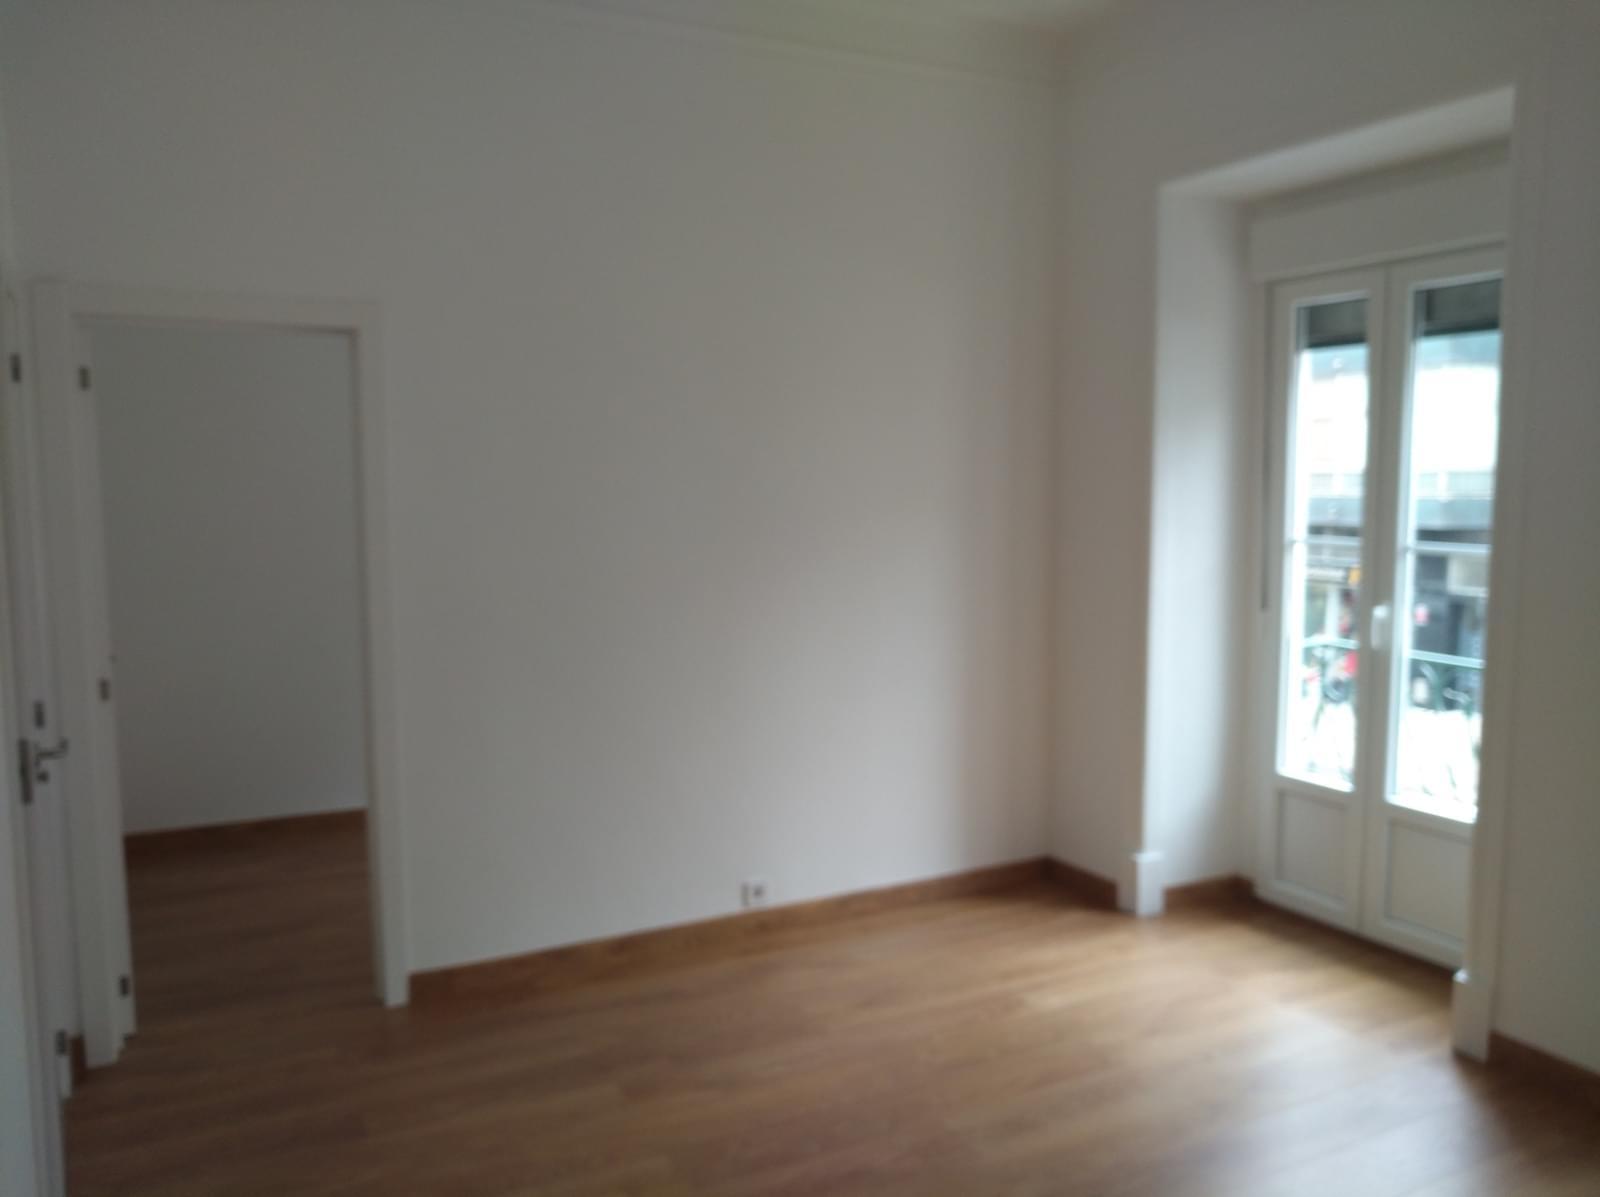 pf17316-apartamento-t2-lisboa-327b229b-b70d-428e-9d32-727aaa98f4cb